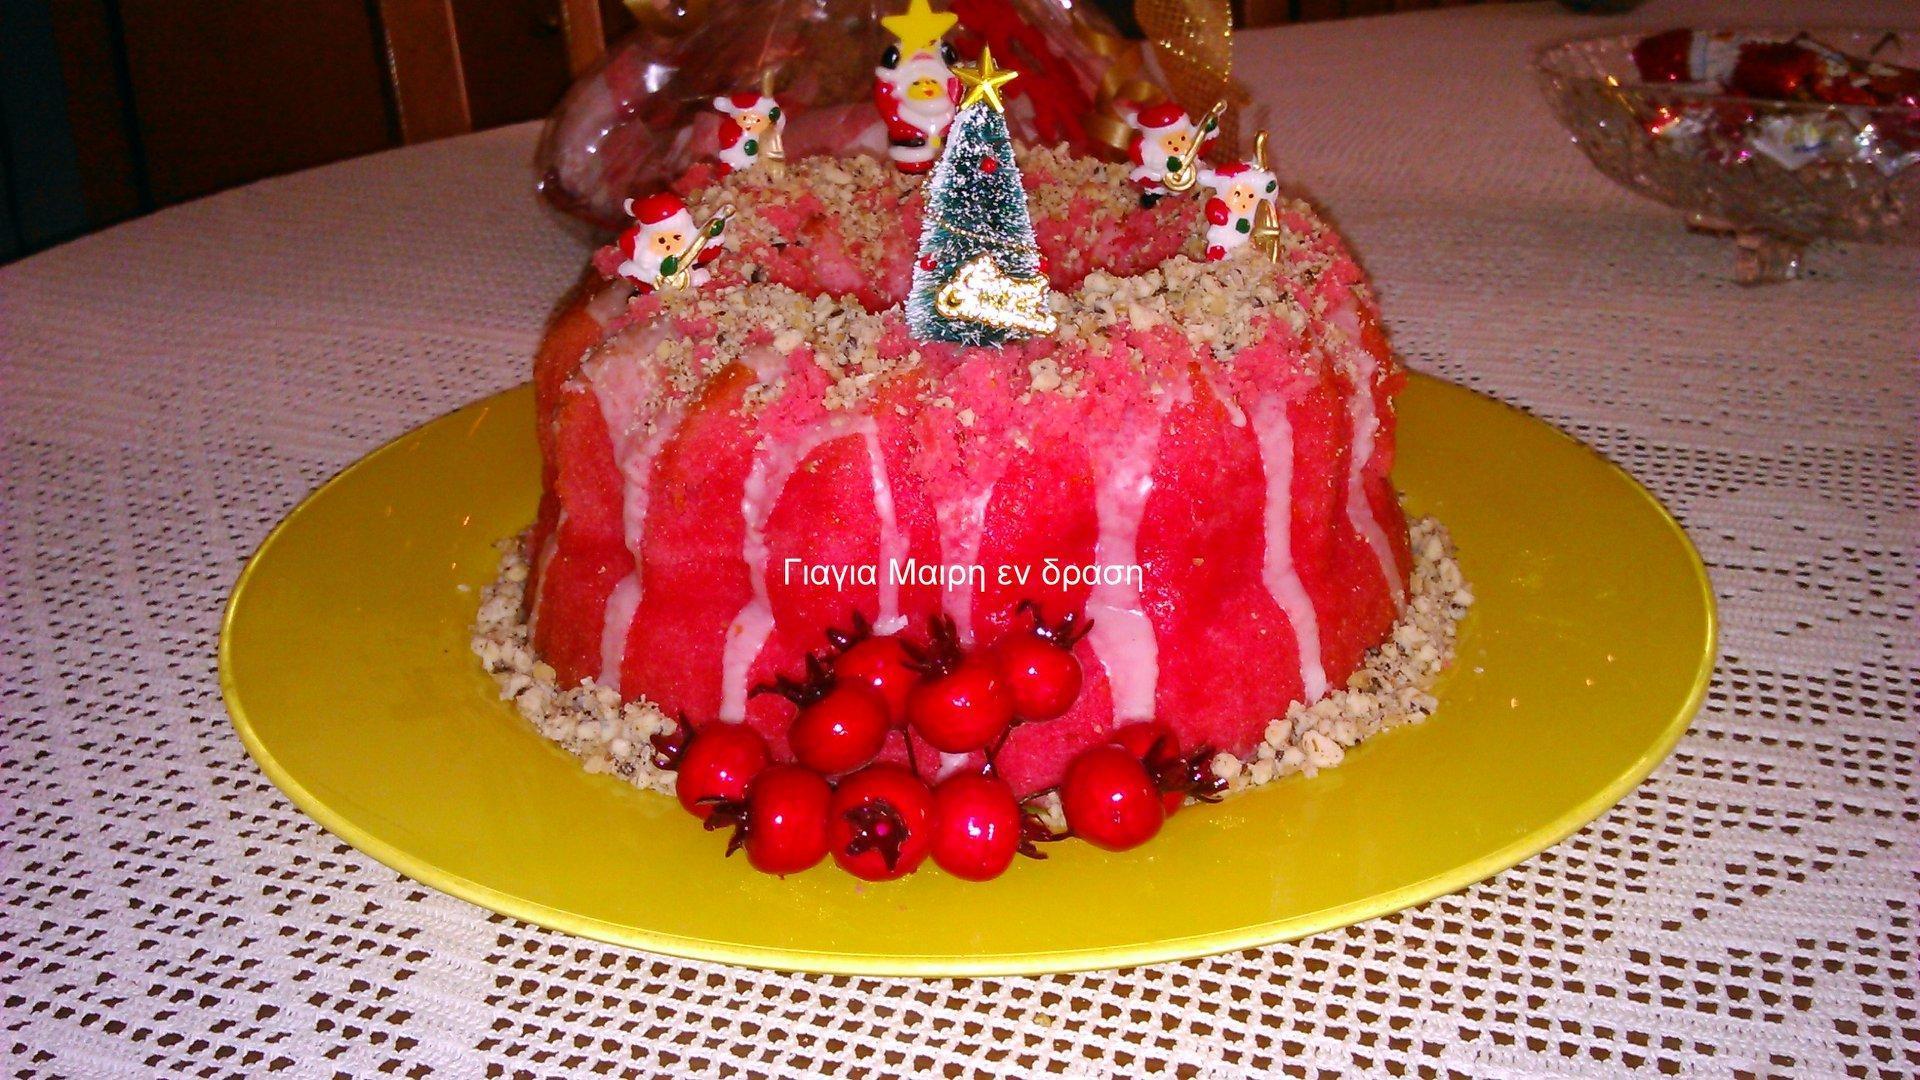 Σας περίσσεψαν μελομακαρονα; Φτιάξτε Κόκκινο κέικ με μελομακάρονα